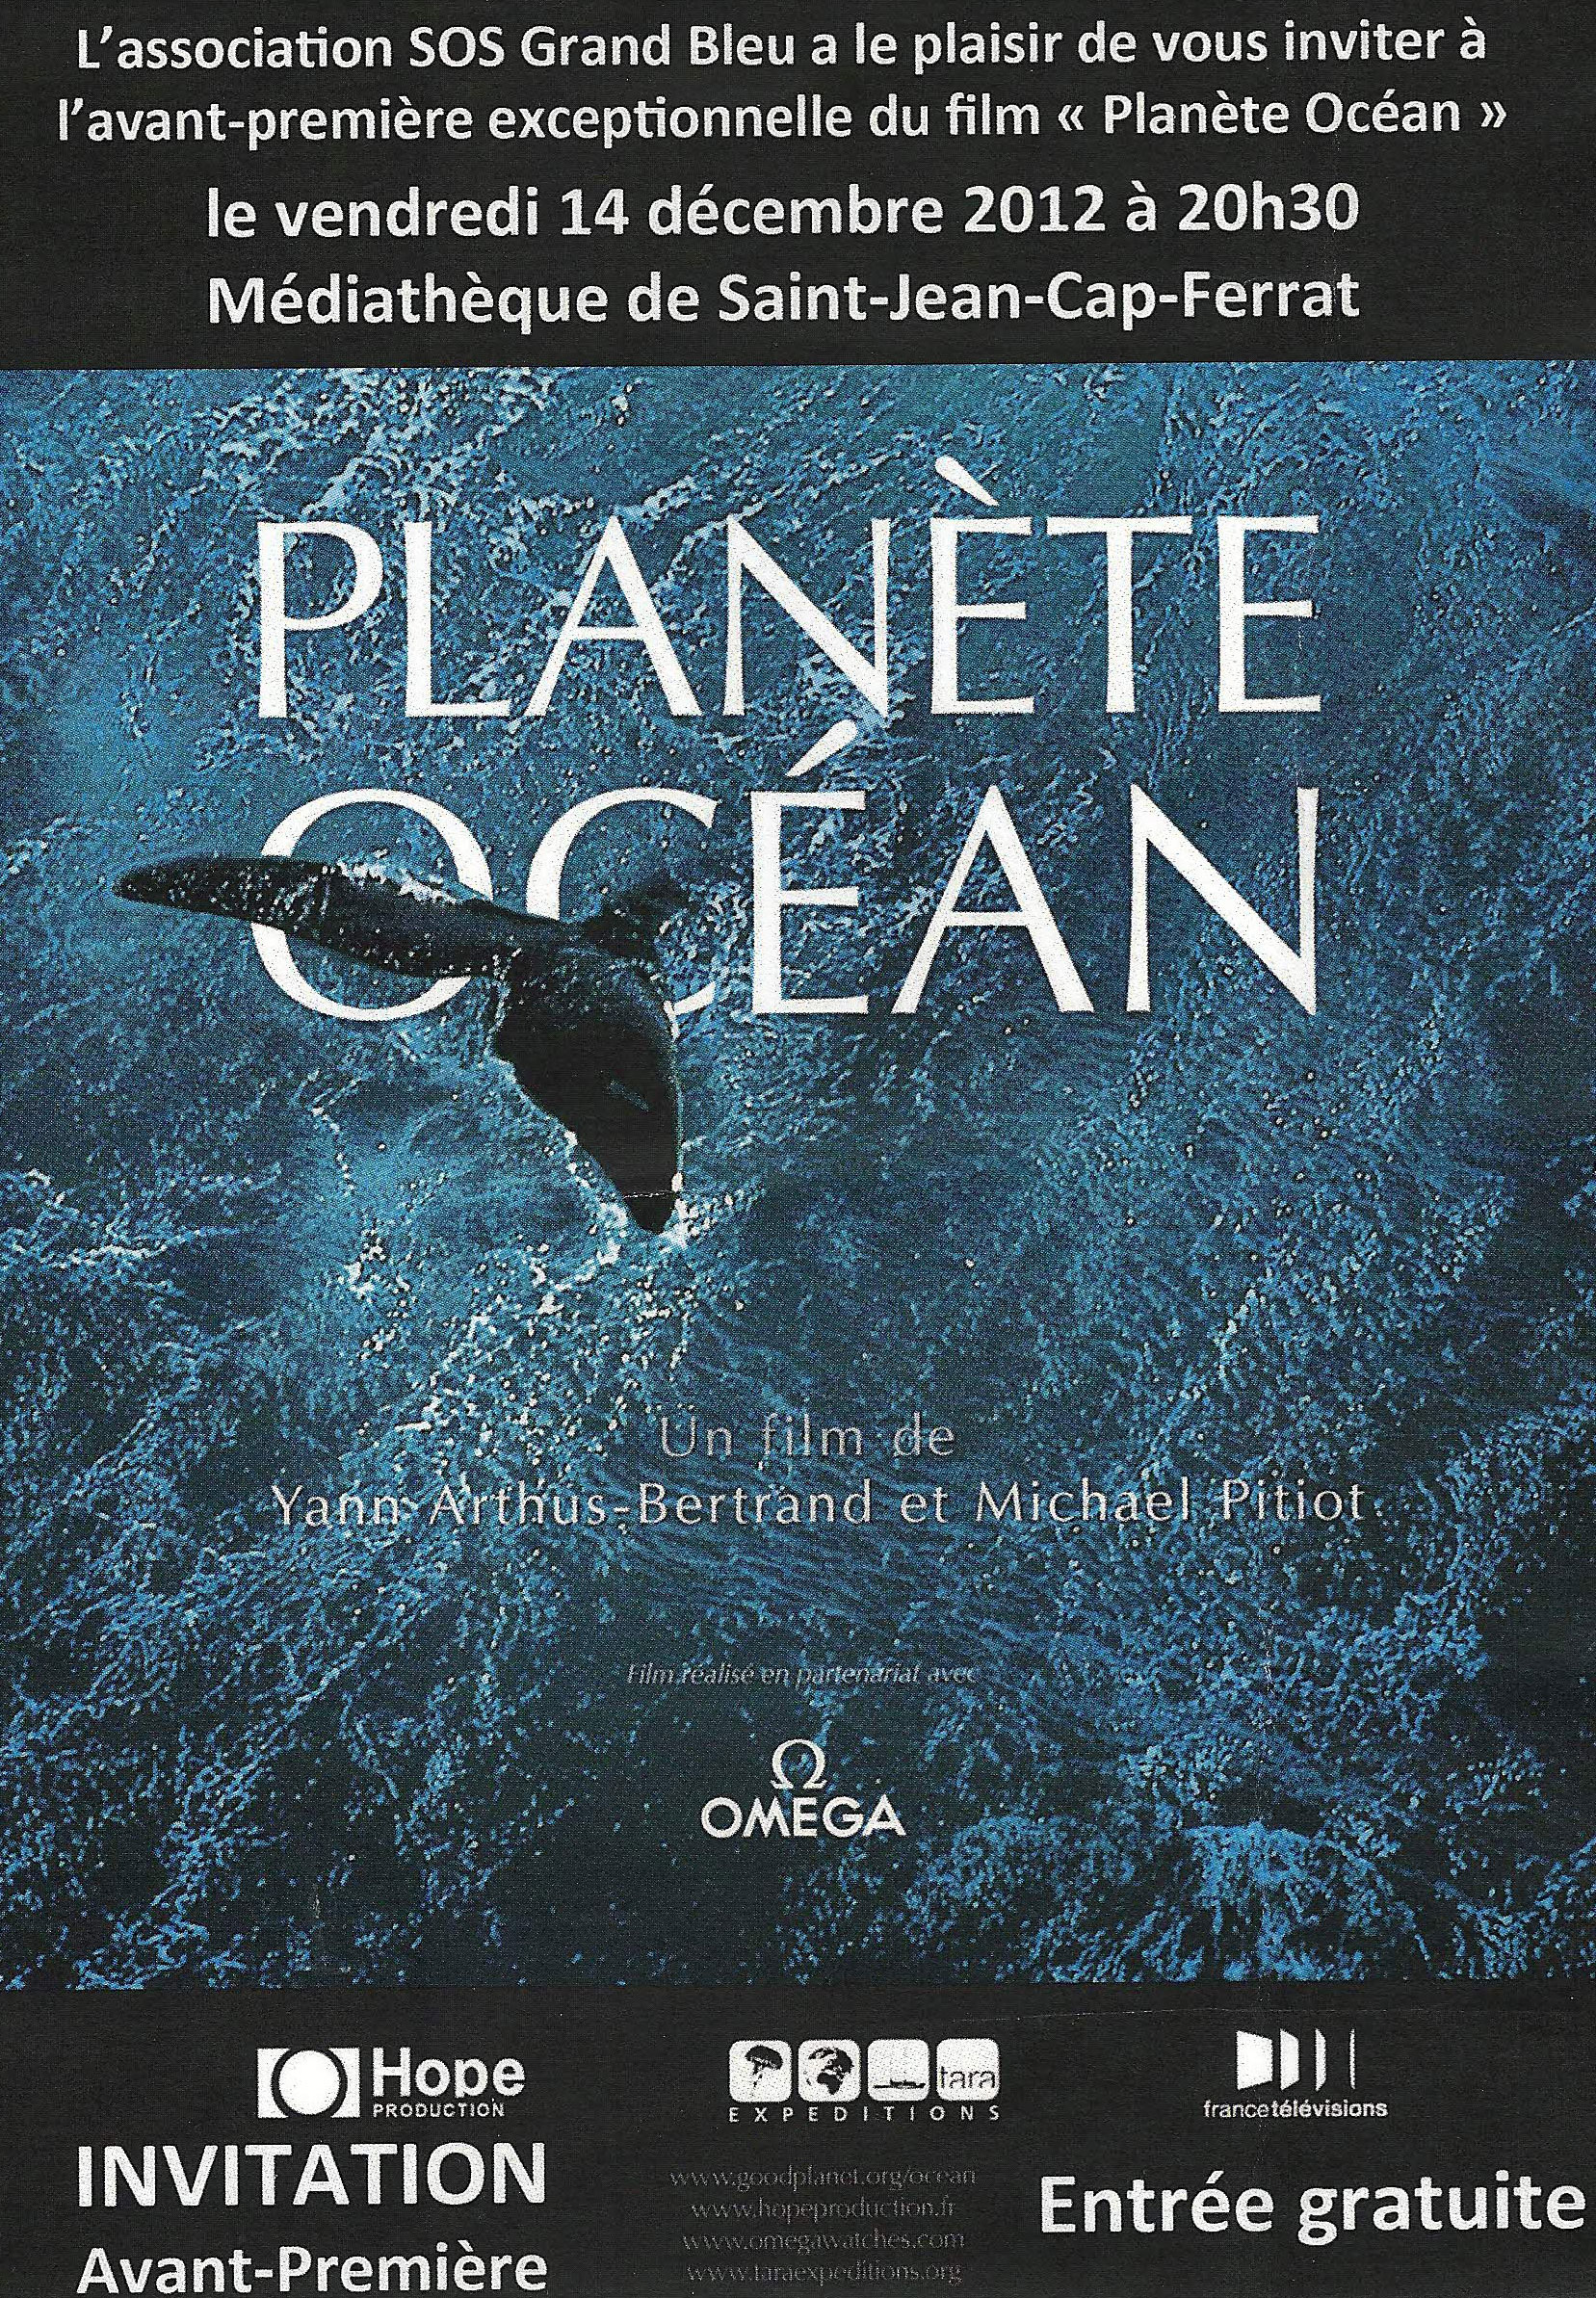 PLANÈTE OCEAN